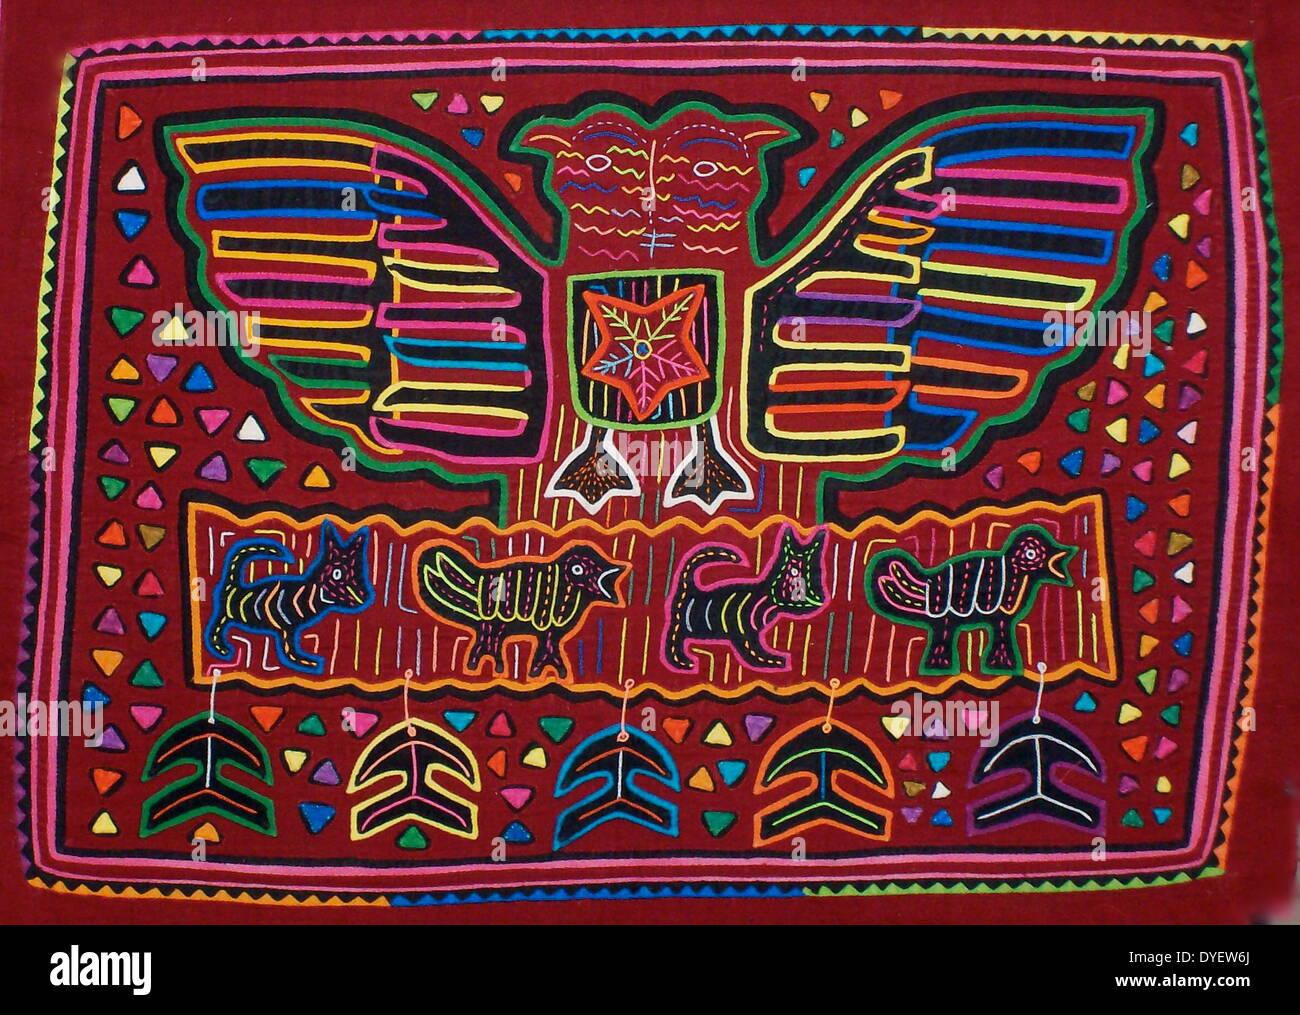 Mola da tessili Kuna artista indiano Immagini Stock 80febfb619fc